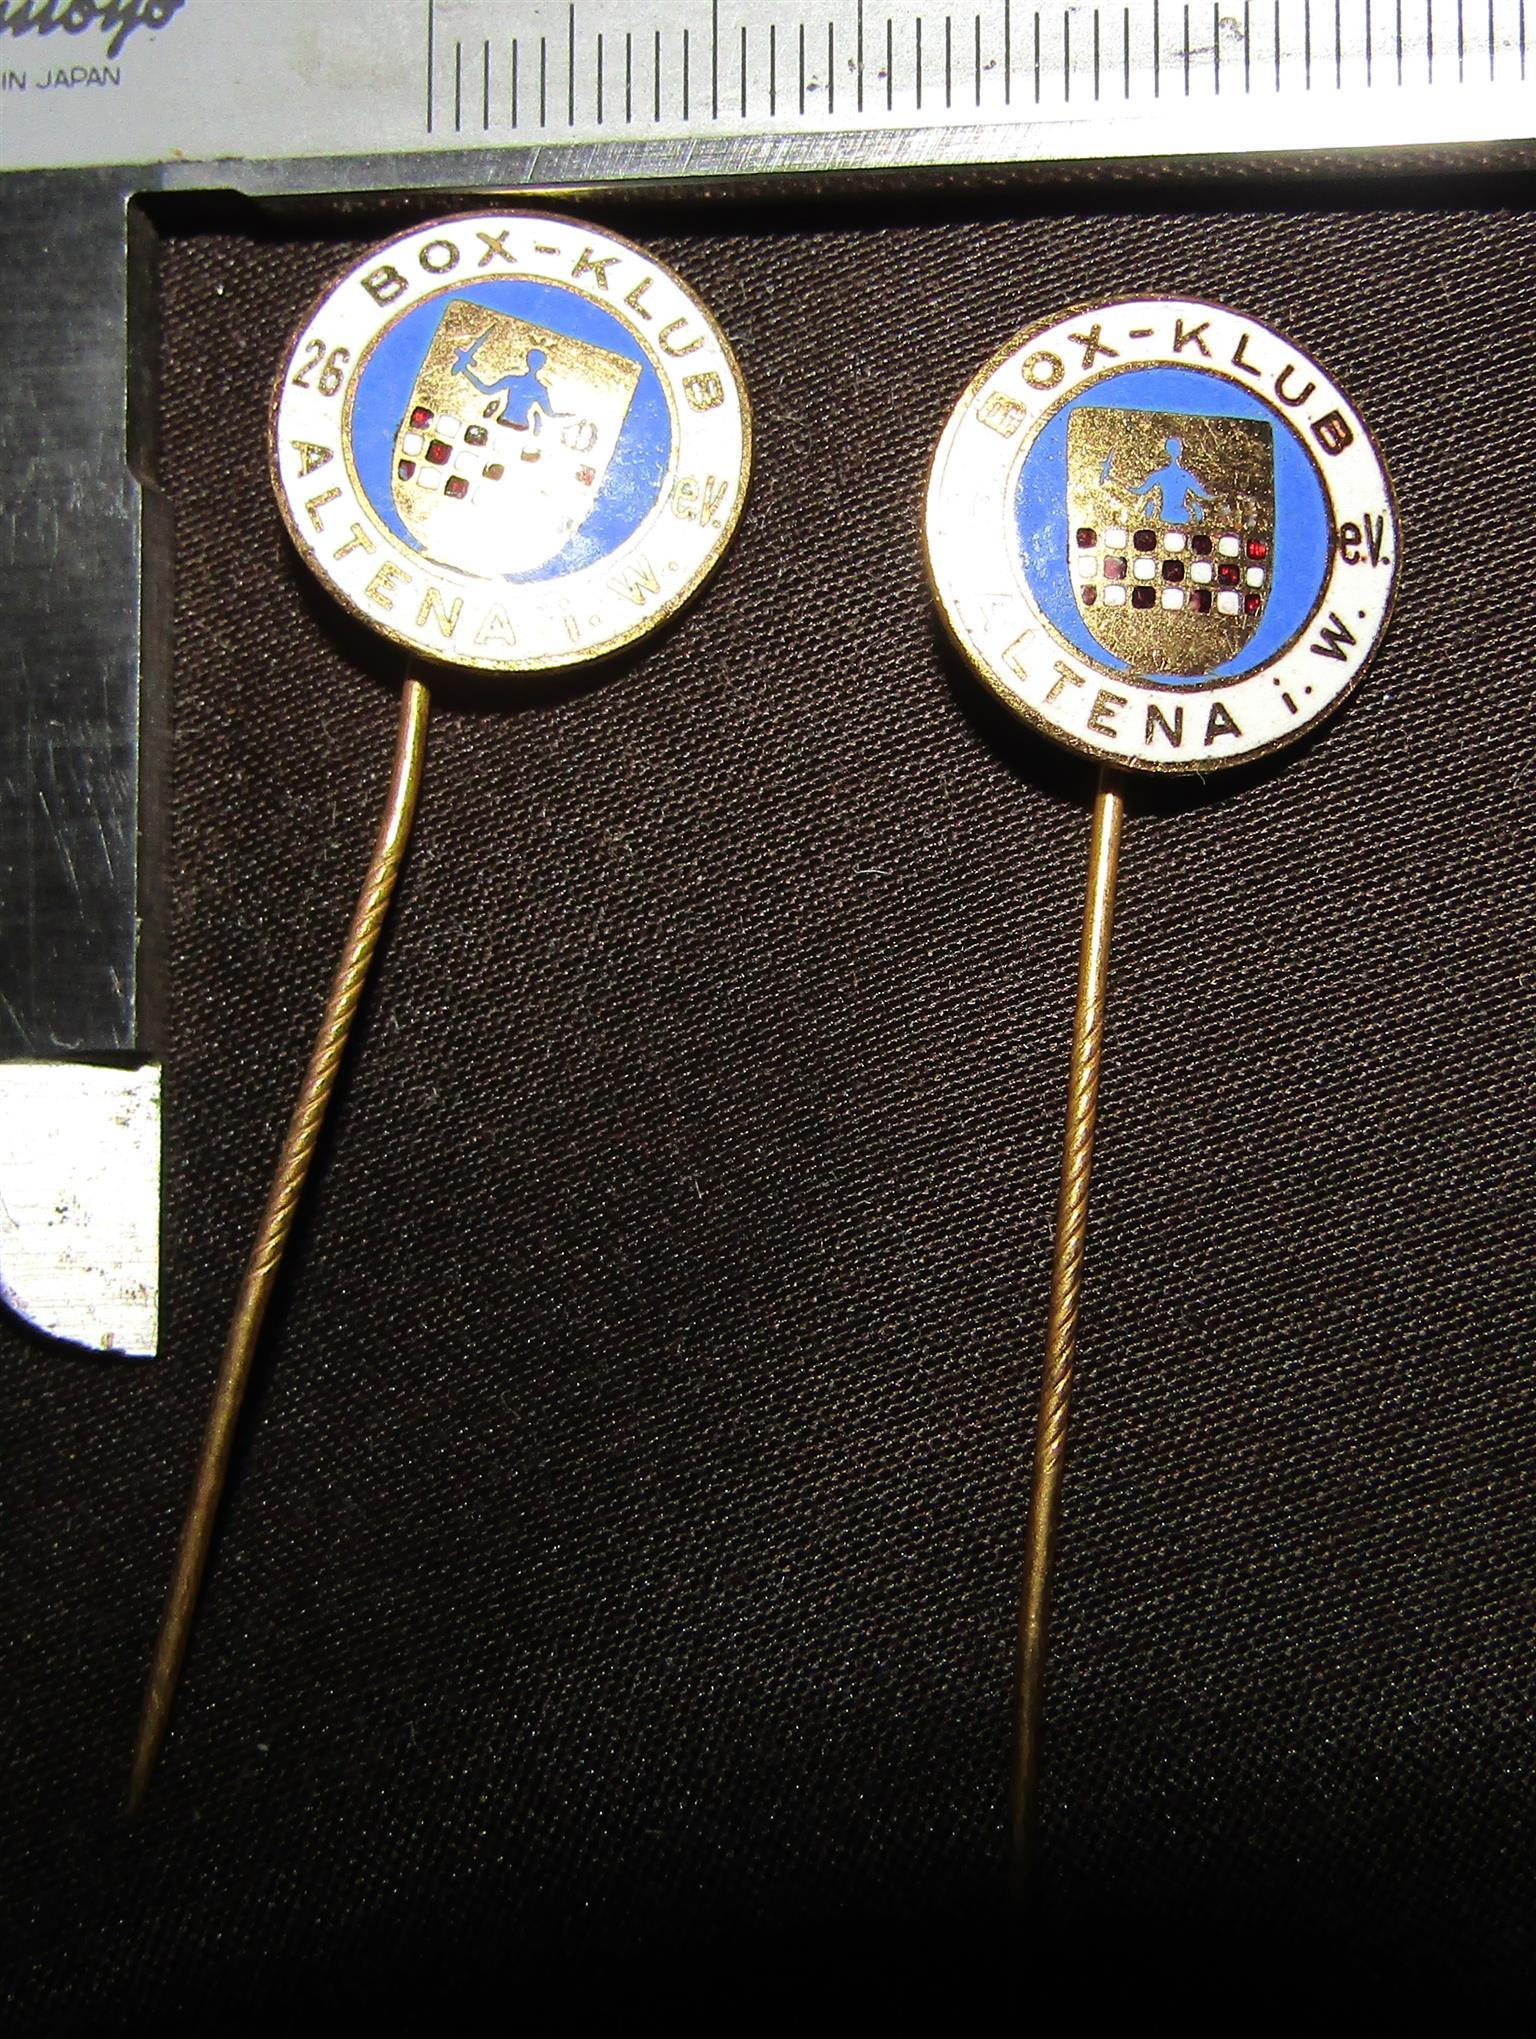 Lapel Pin - Box Klub Altena